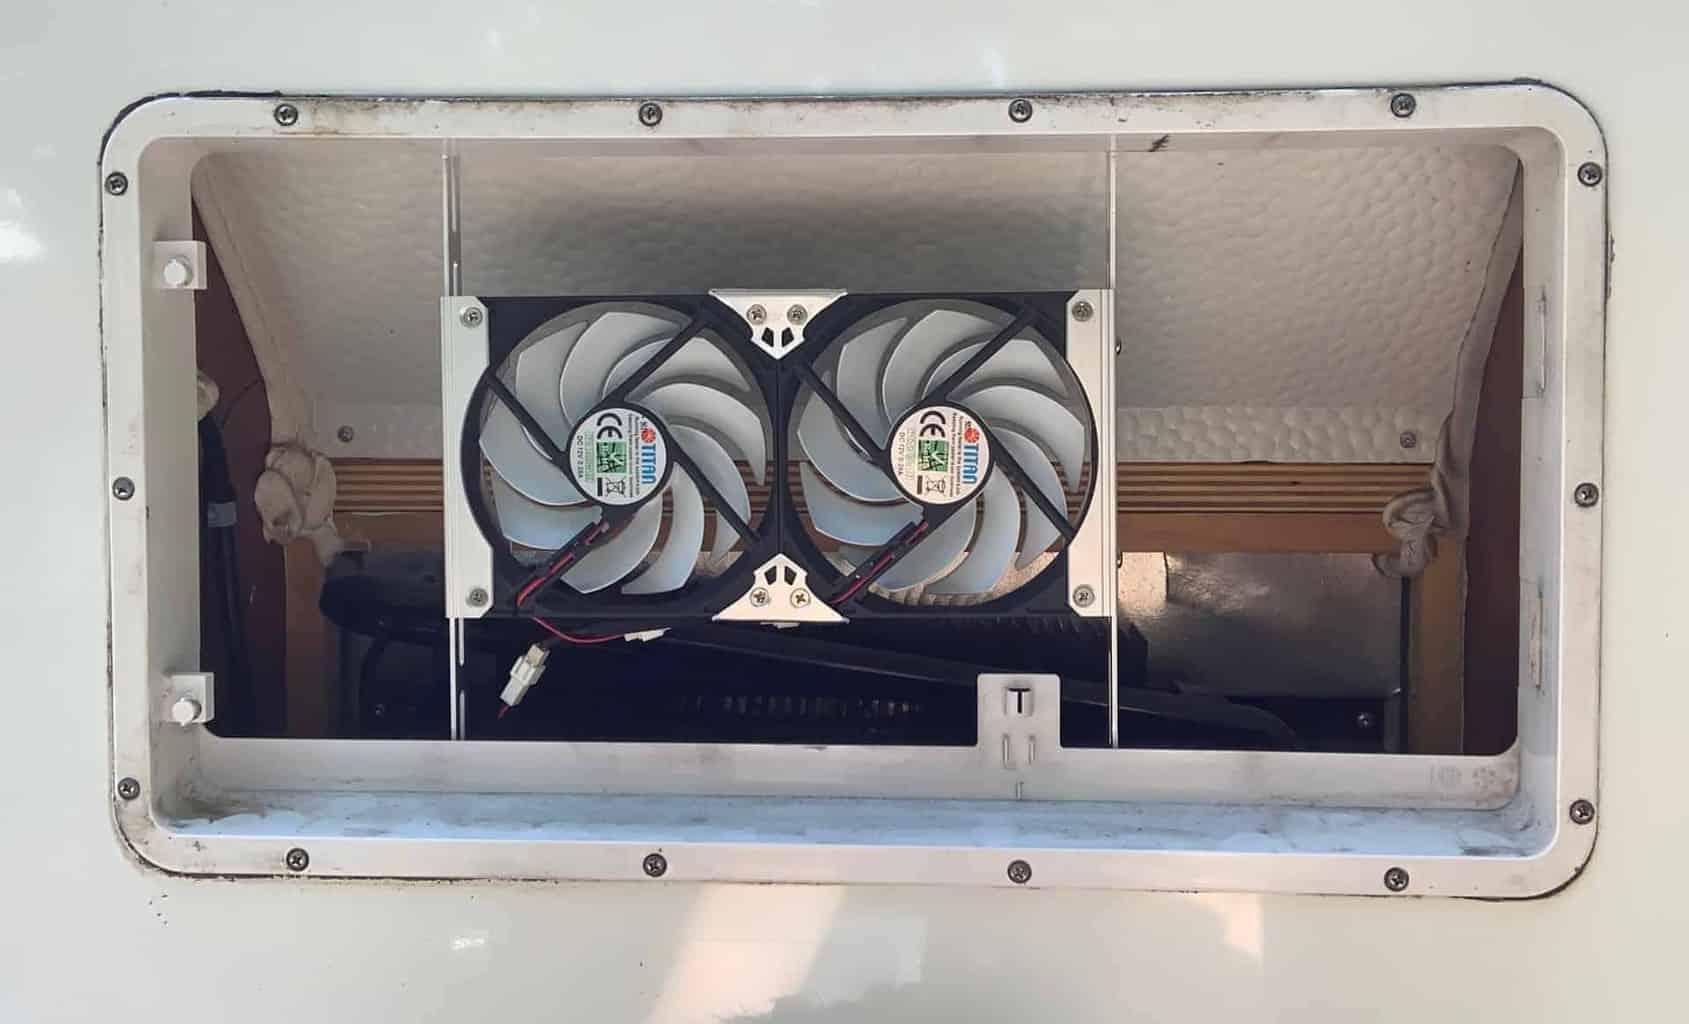 Einbau_Kühlschranklüfter_Titan_Lüfter_eingebaut